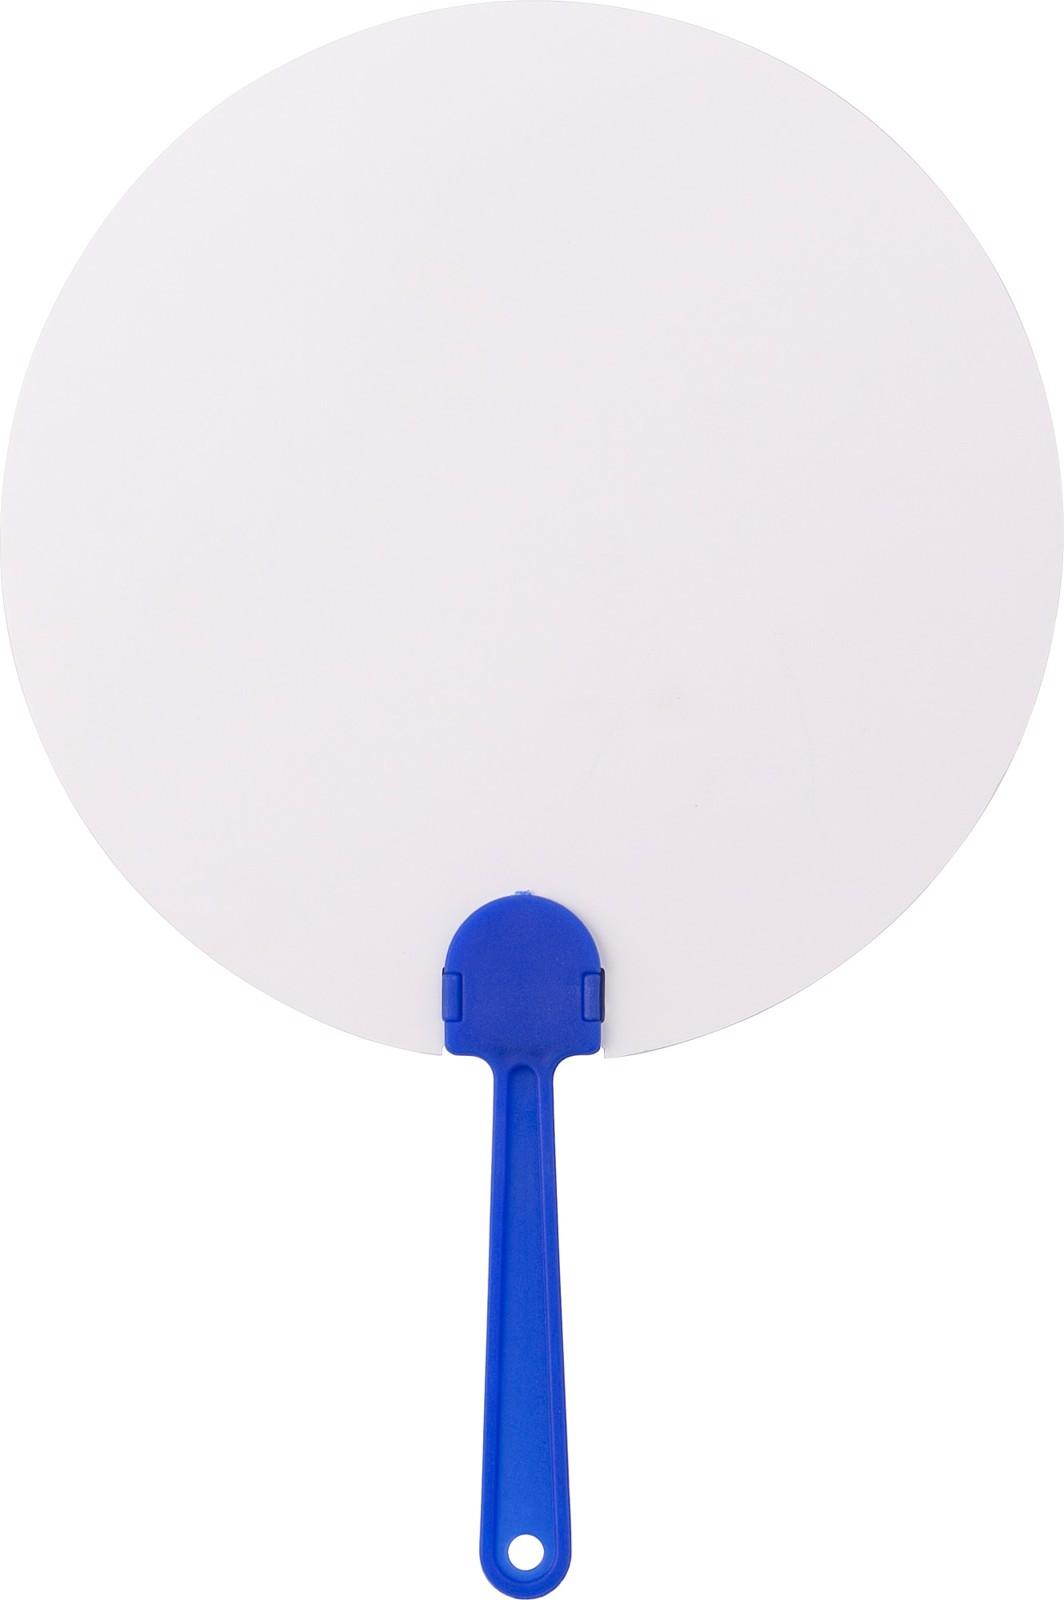 Paper hand fan - Cobalt Blue